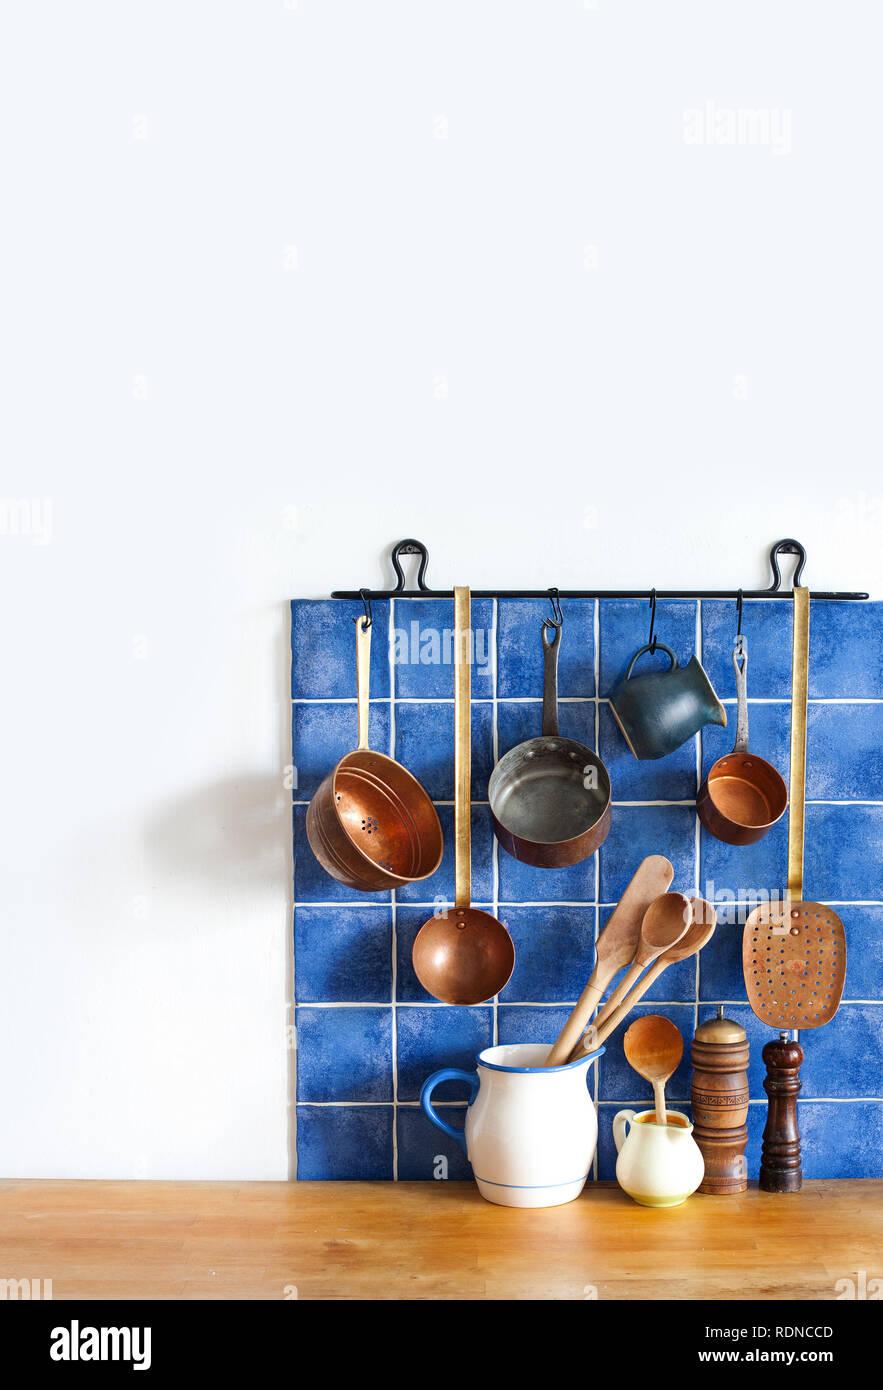 Intérieur de cuisine avec des ustensiles en cuivre vintage ancien style de cuisine Ustensiles. jeu. Casseroles, cuisine, cuillère écumoire hanging on blue tile wall. Copie espace, fond blanc. Photo Stock